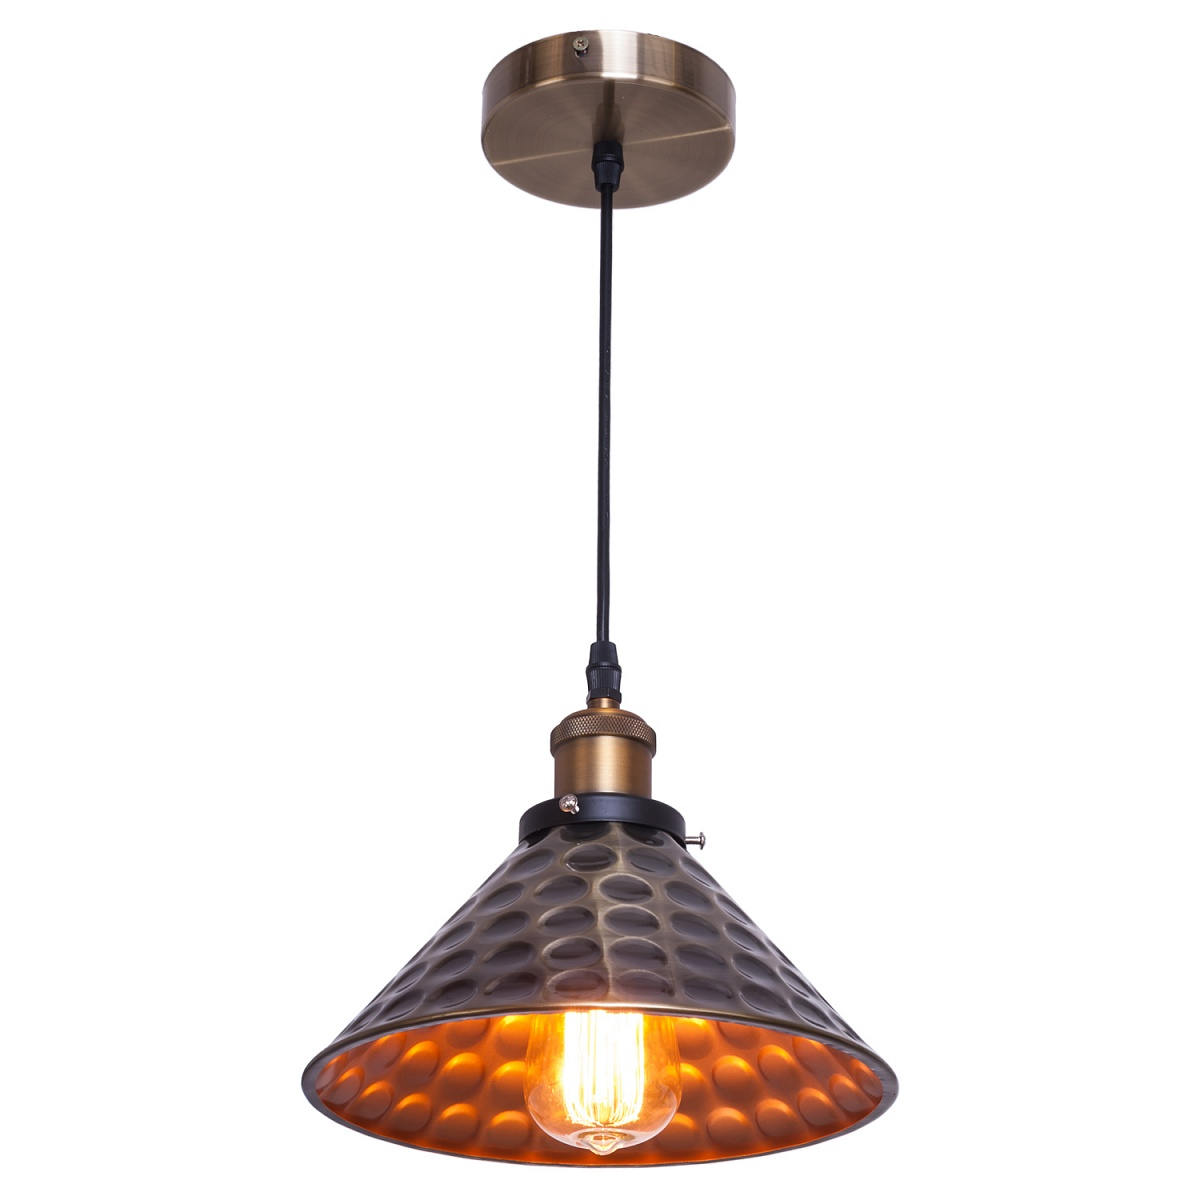 Потолочный светильник лофт G71049/1AB купить в Москве по выгодной цене